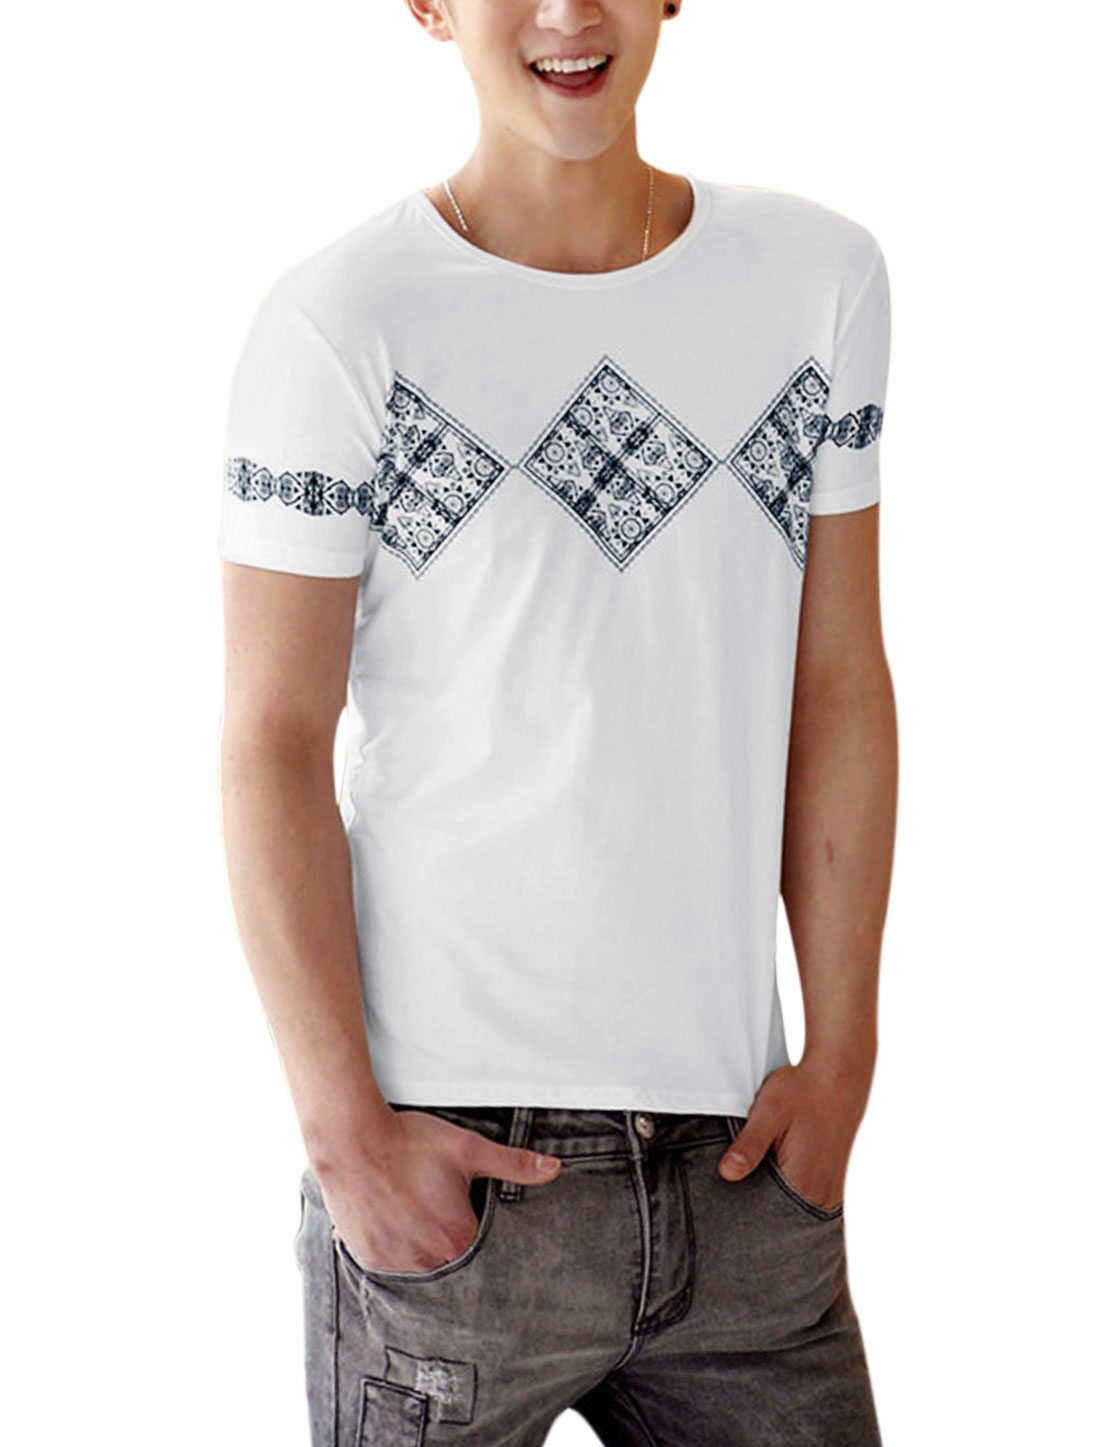 Men Slipover Soft Short Sleeve Geometric Prints Tee Top White S